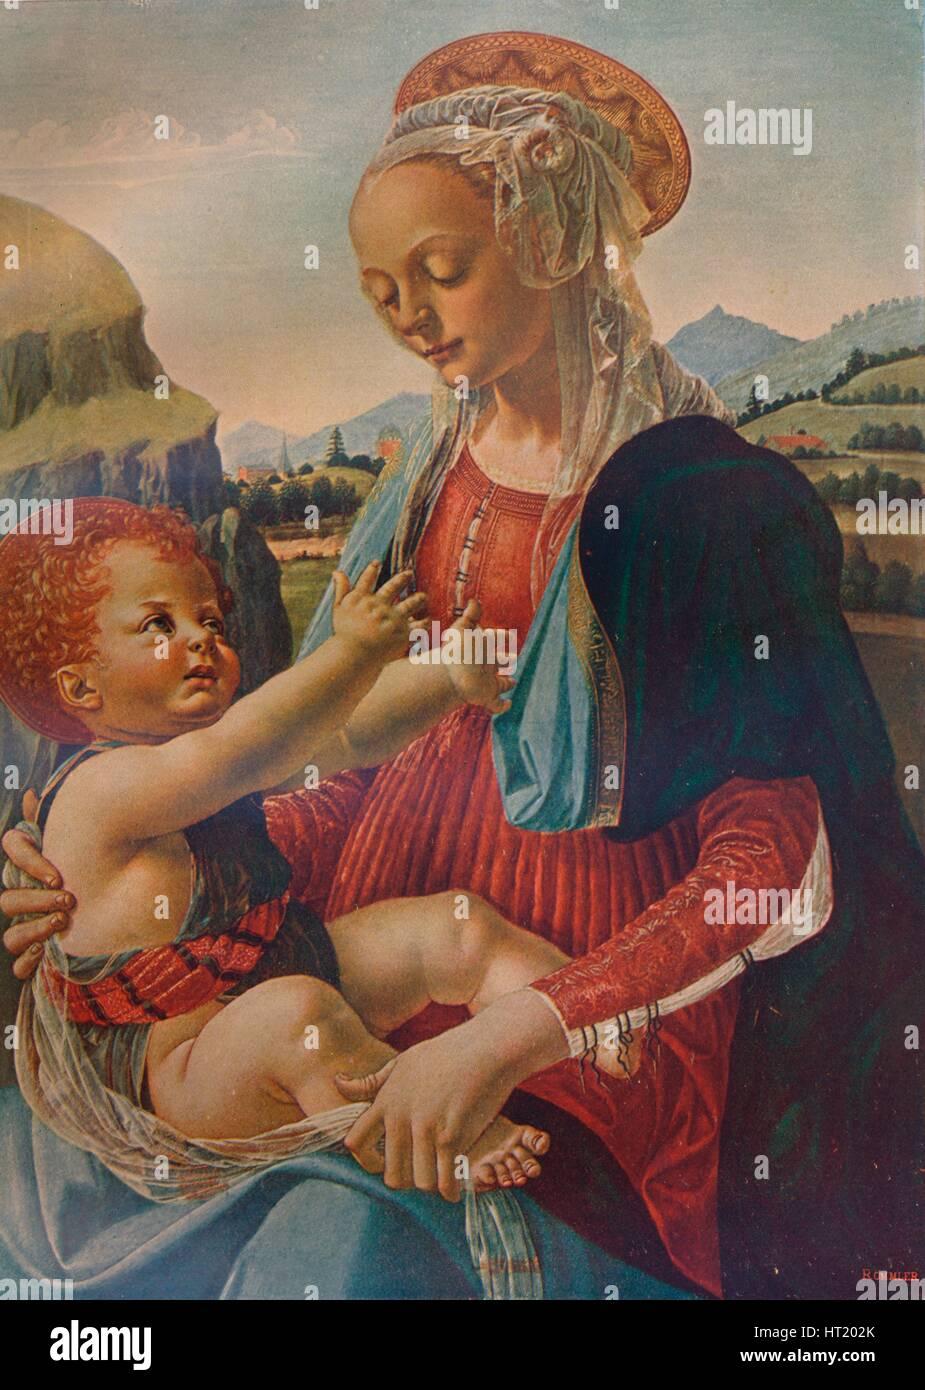 Virgin and Child, c1470, (1911). Artist: Andrea del Verrocchio - Stock Image